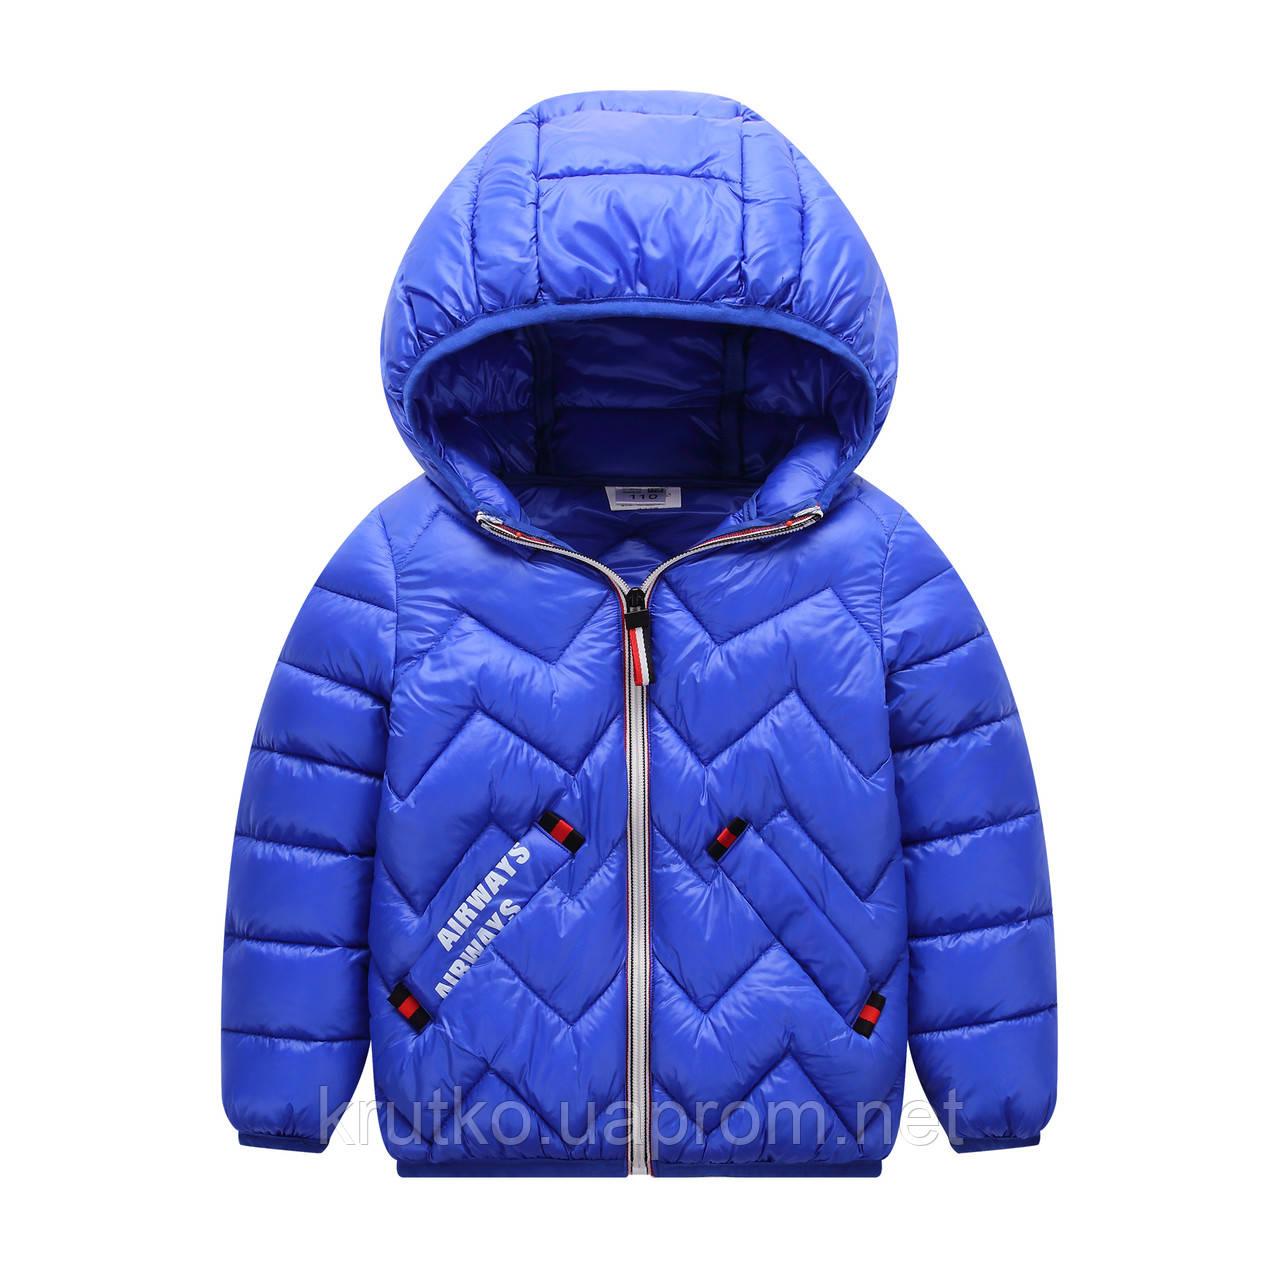 Куртка для мальчика Airways, синий Berni